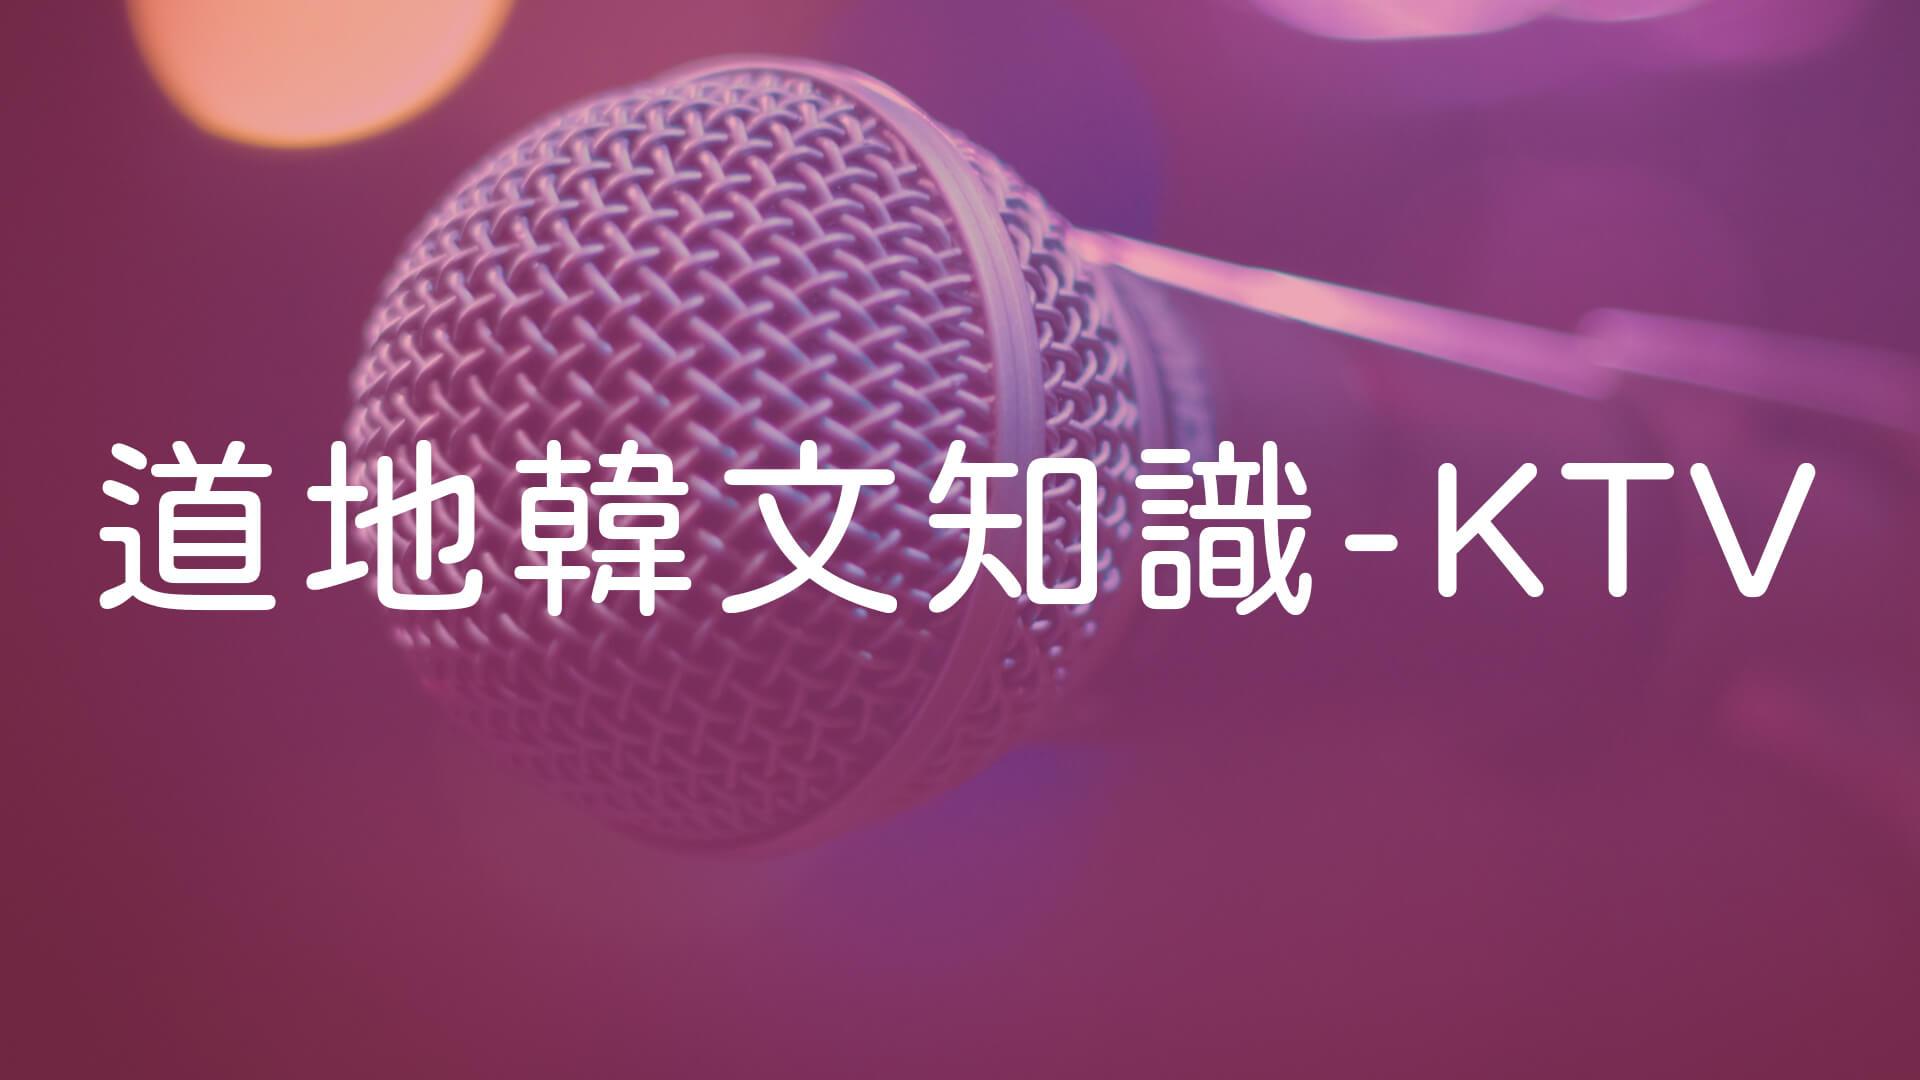 學韓文:韓語的KTV要怎麼說?